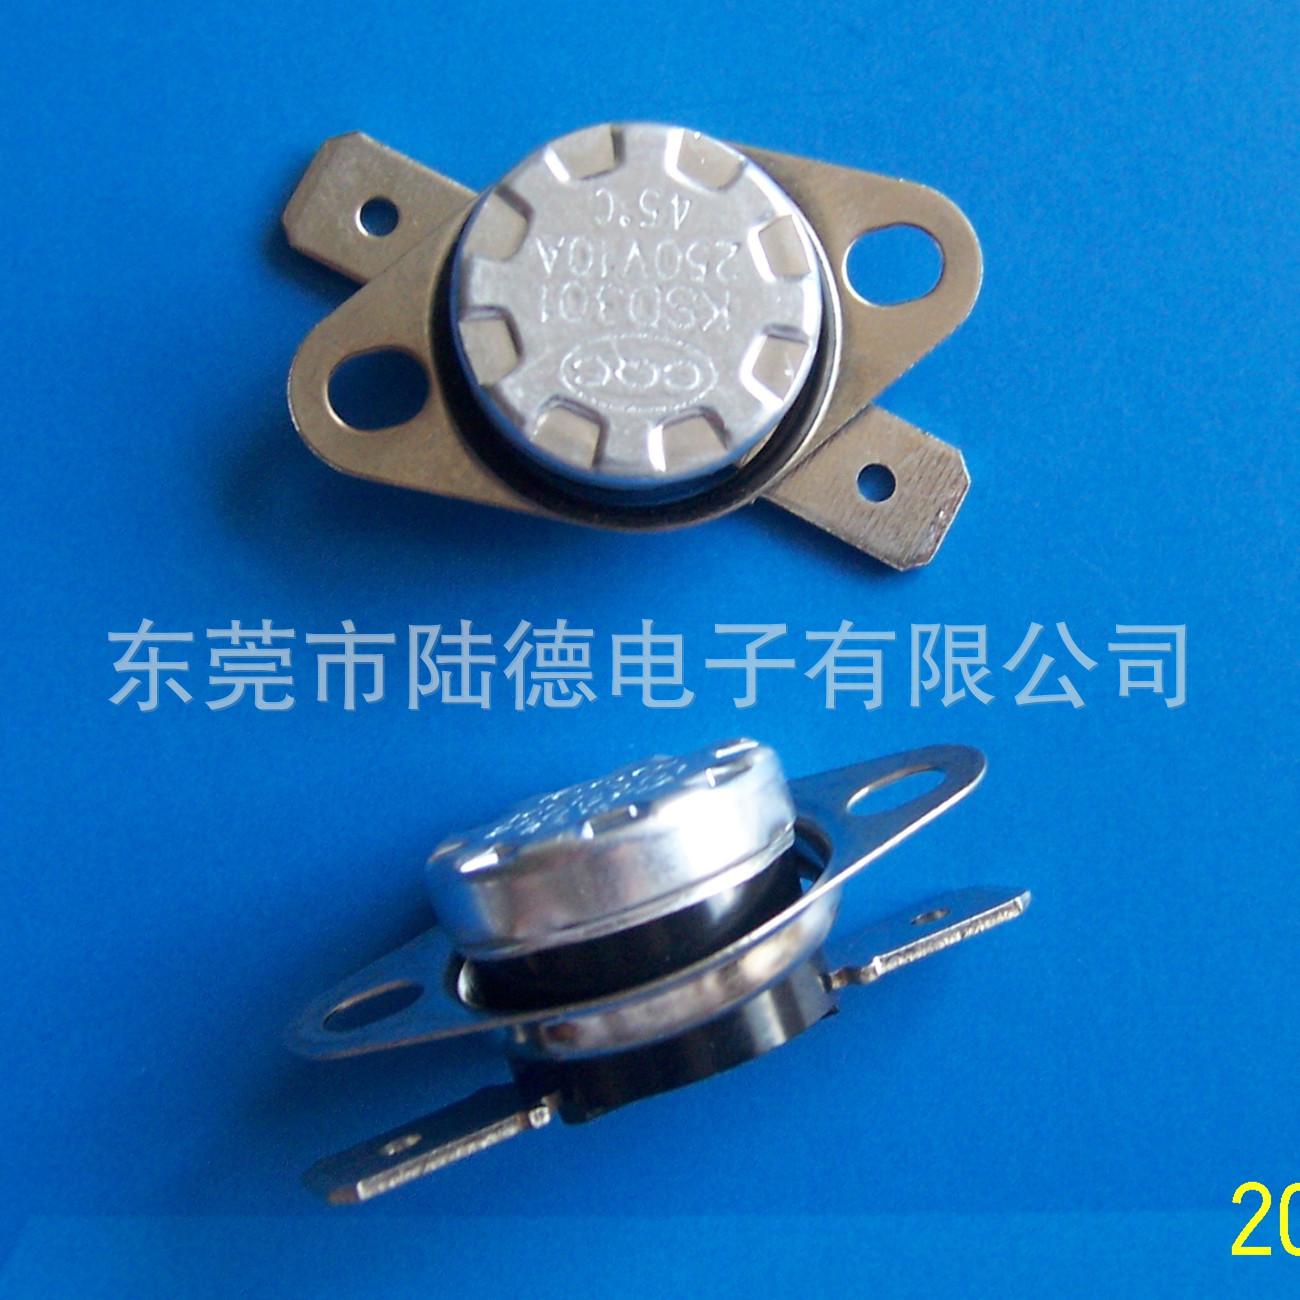 东莞市陆德电子有限公司 - 供应KSD301,可恢复温度保险丝